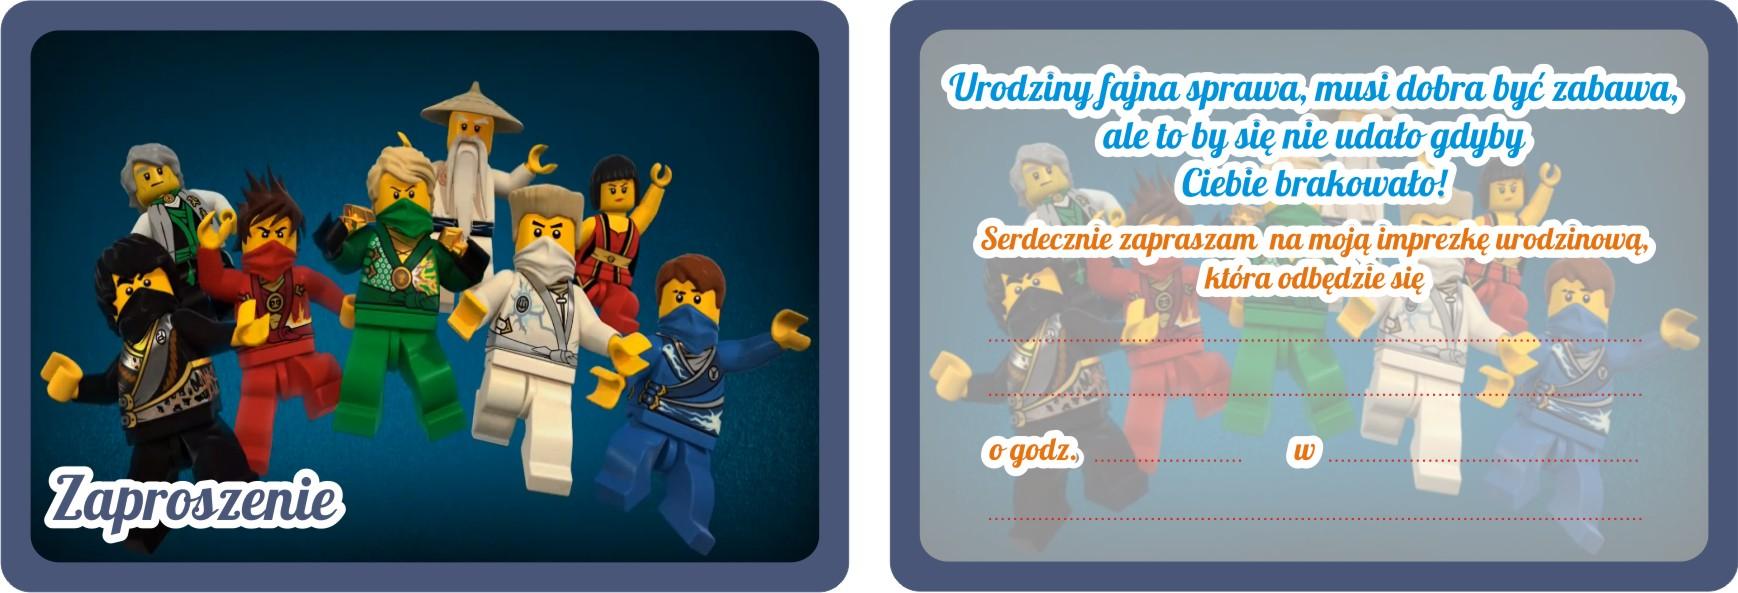 Zaproszenia Urodzinowe Dla Dzieci Lego Ninjago 7531692674 Allegropl